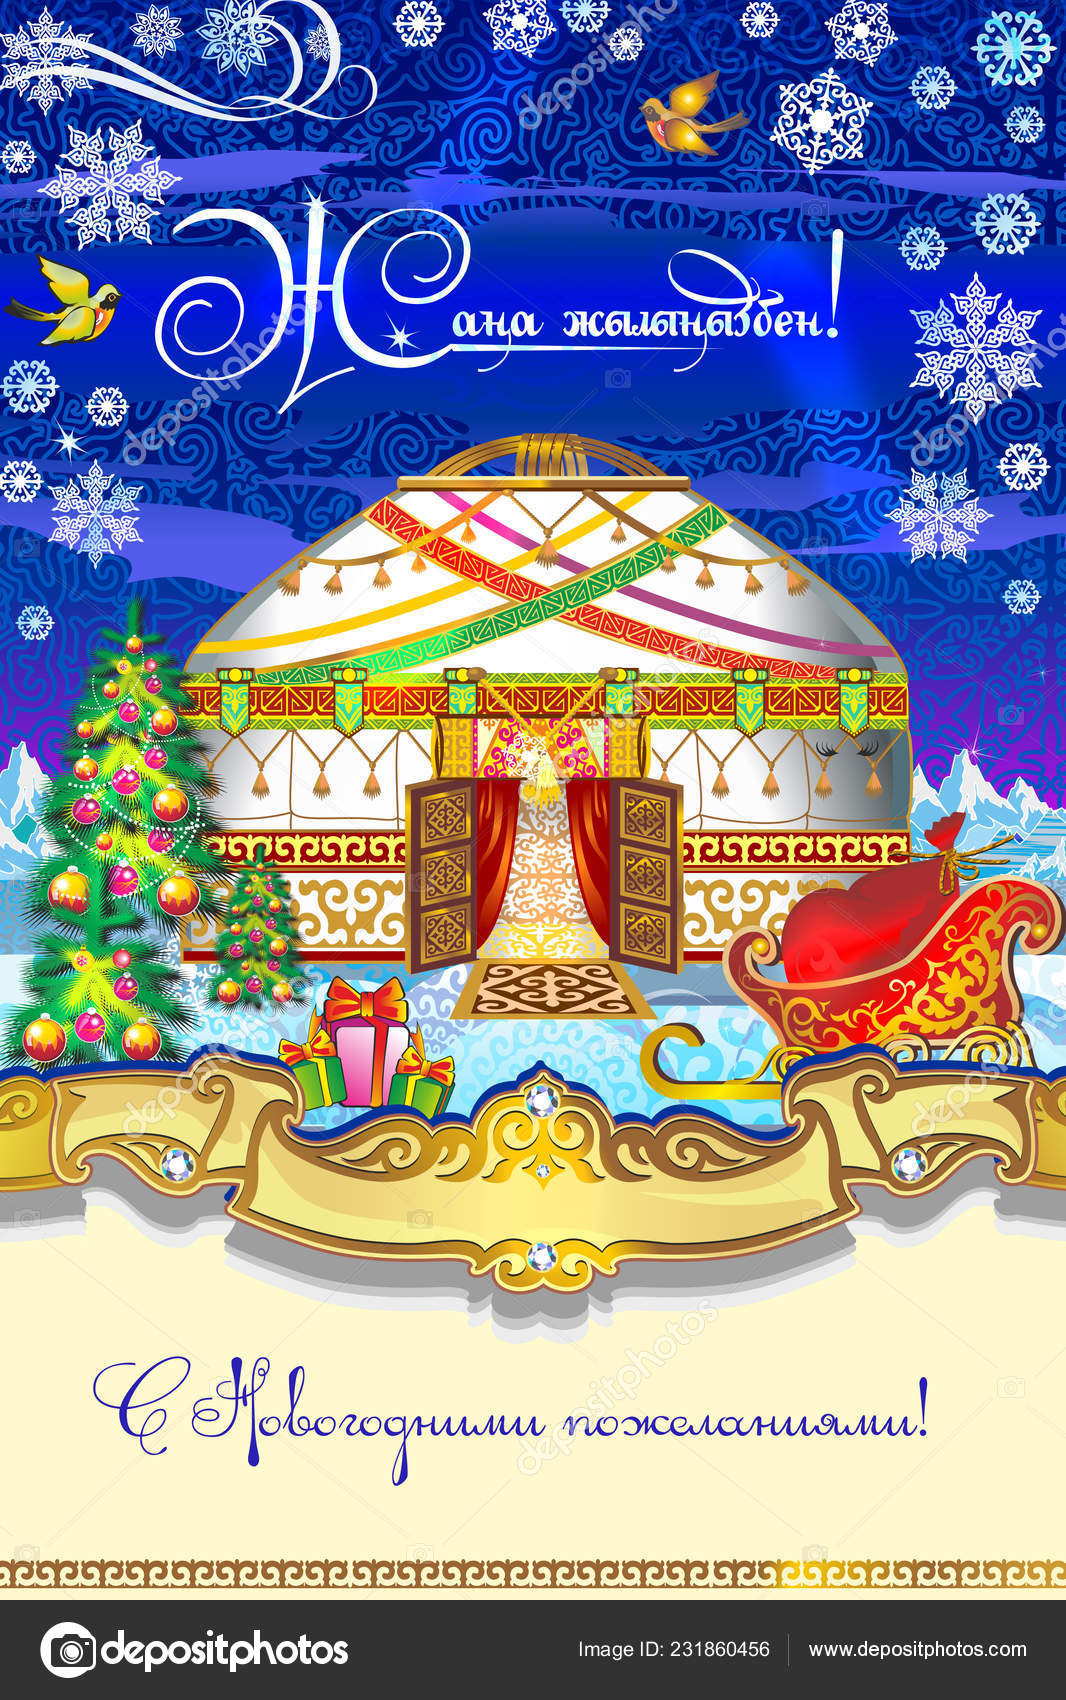 Capodanno A Casa Di Babbo Natale.Avventure Capodanno Capodanno Babbo Natale Albero Natale Abete